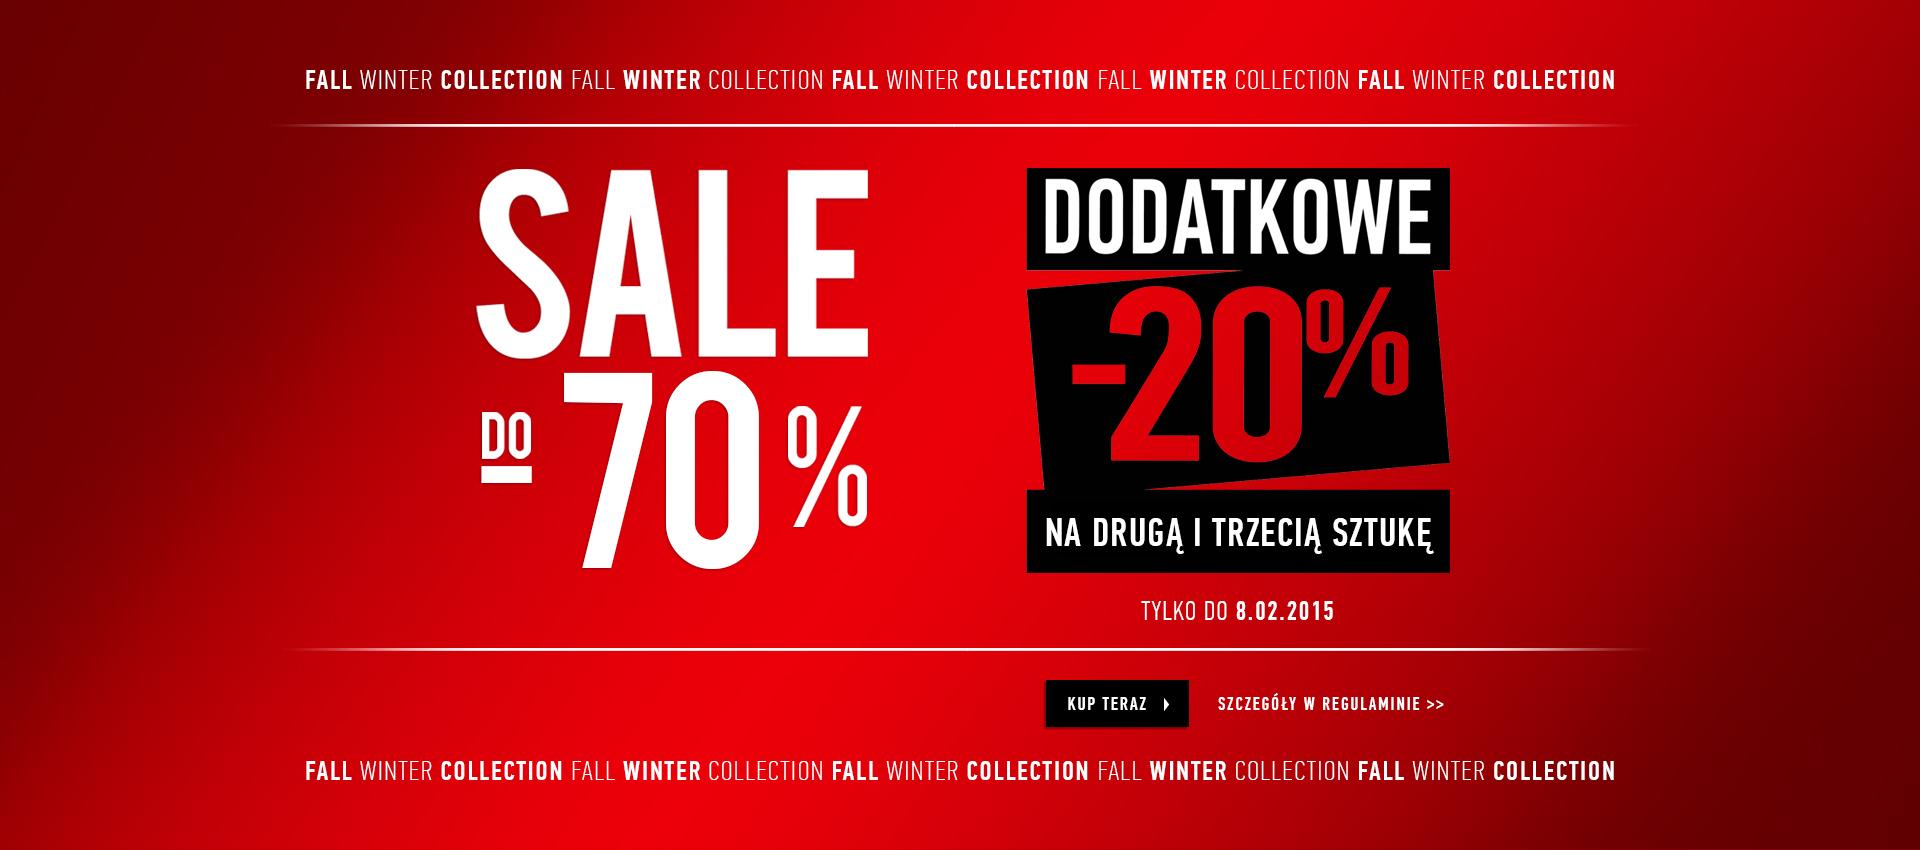 Dodatkowy rabat 20% na 2 i 3 produkt z wyprzedaży @ Vistula